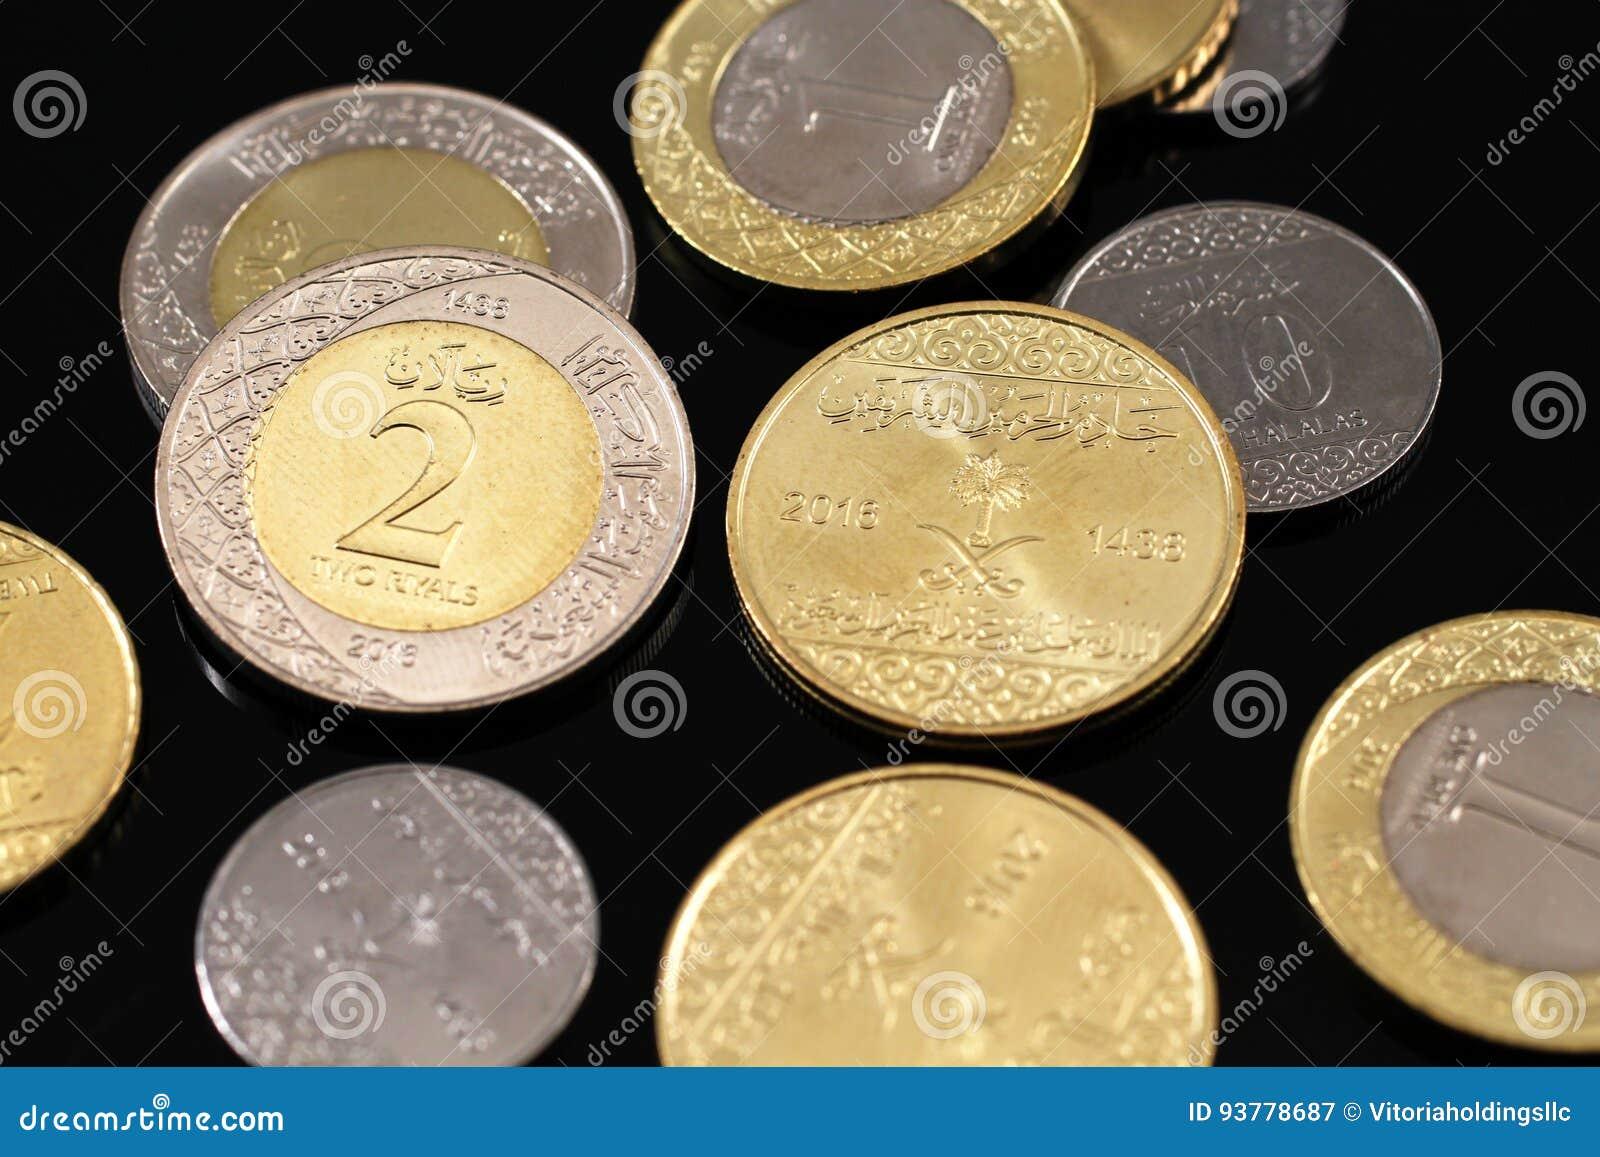 Sortierte Saudi Arabische Münzen Auf Einem Schwarzen Hintergrund